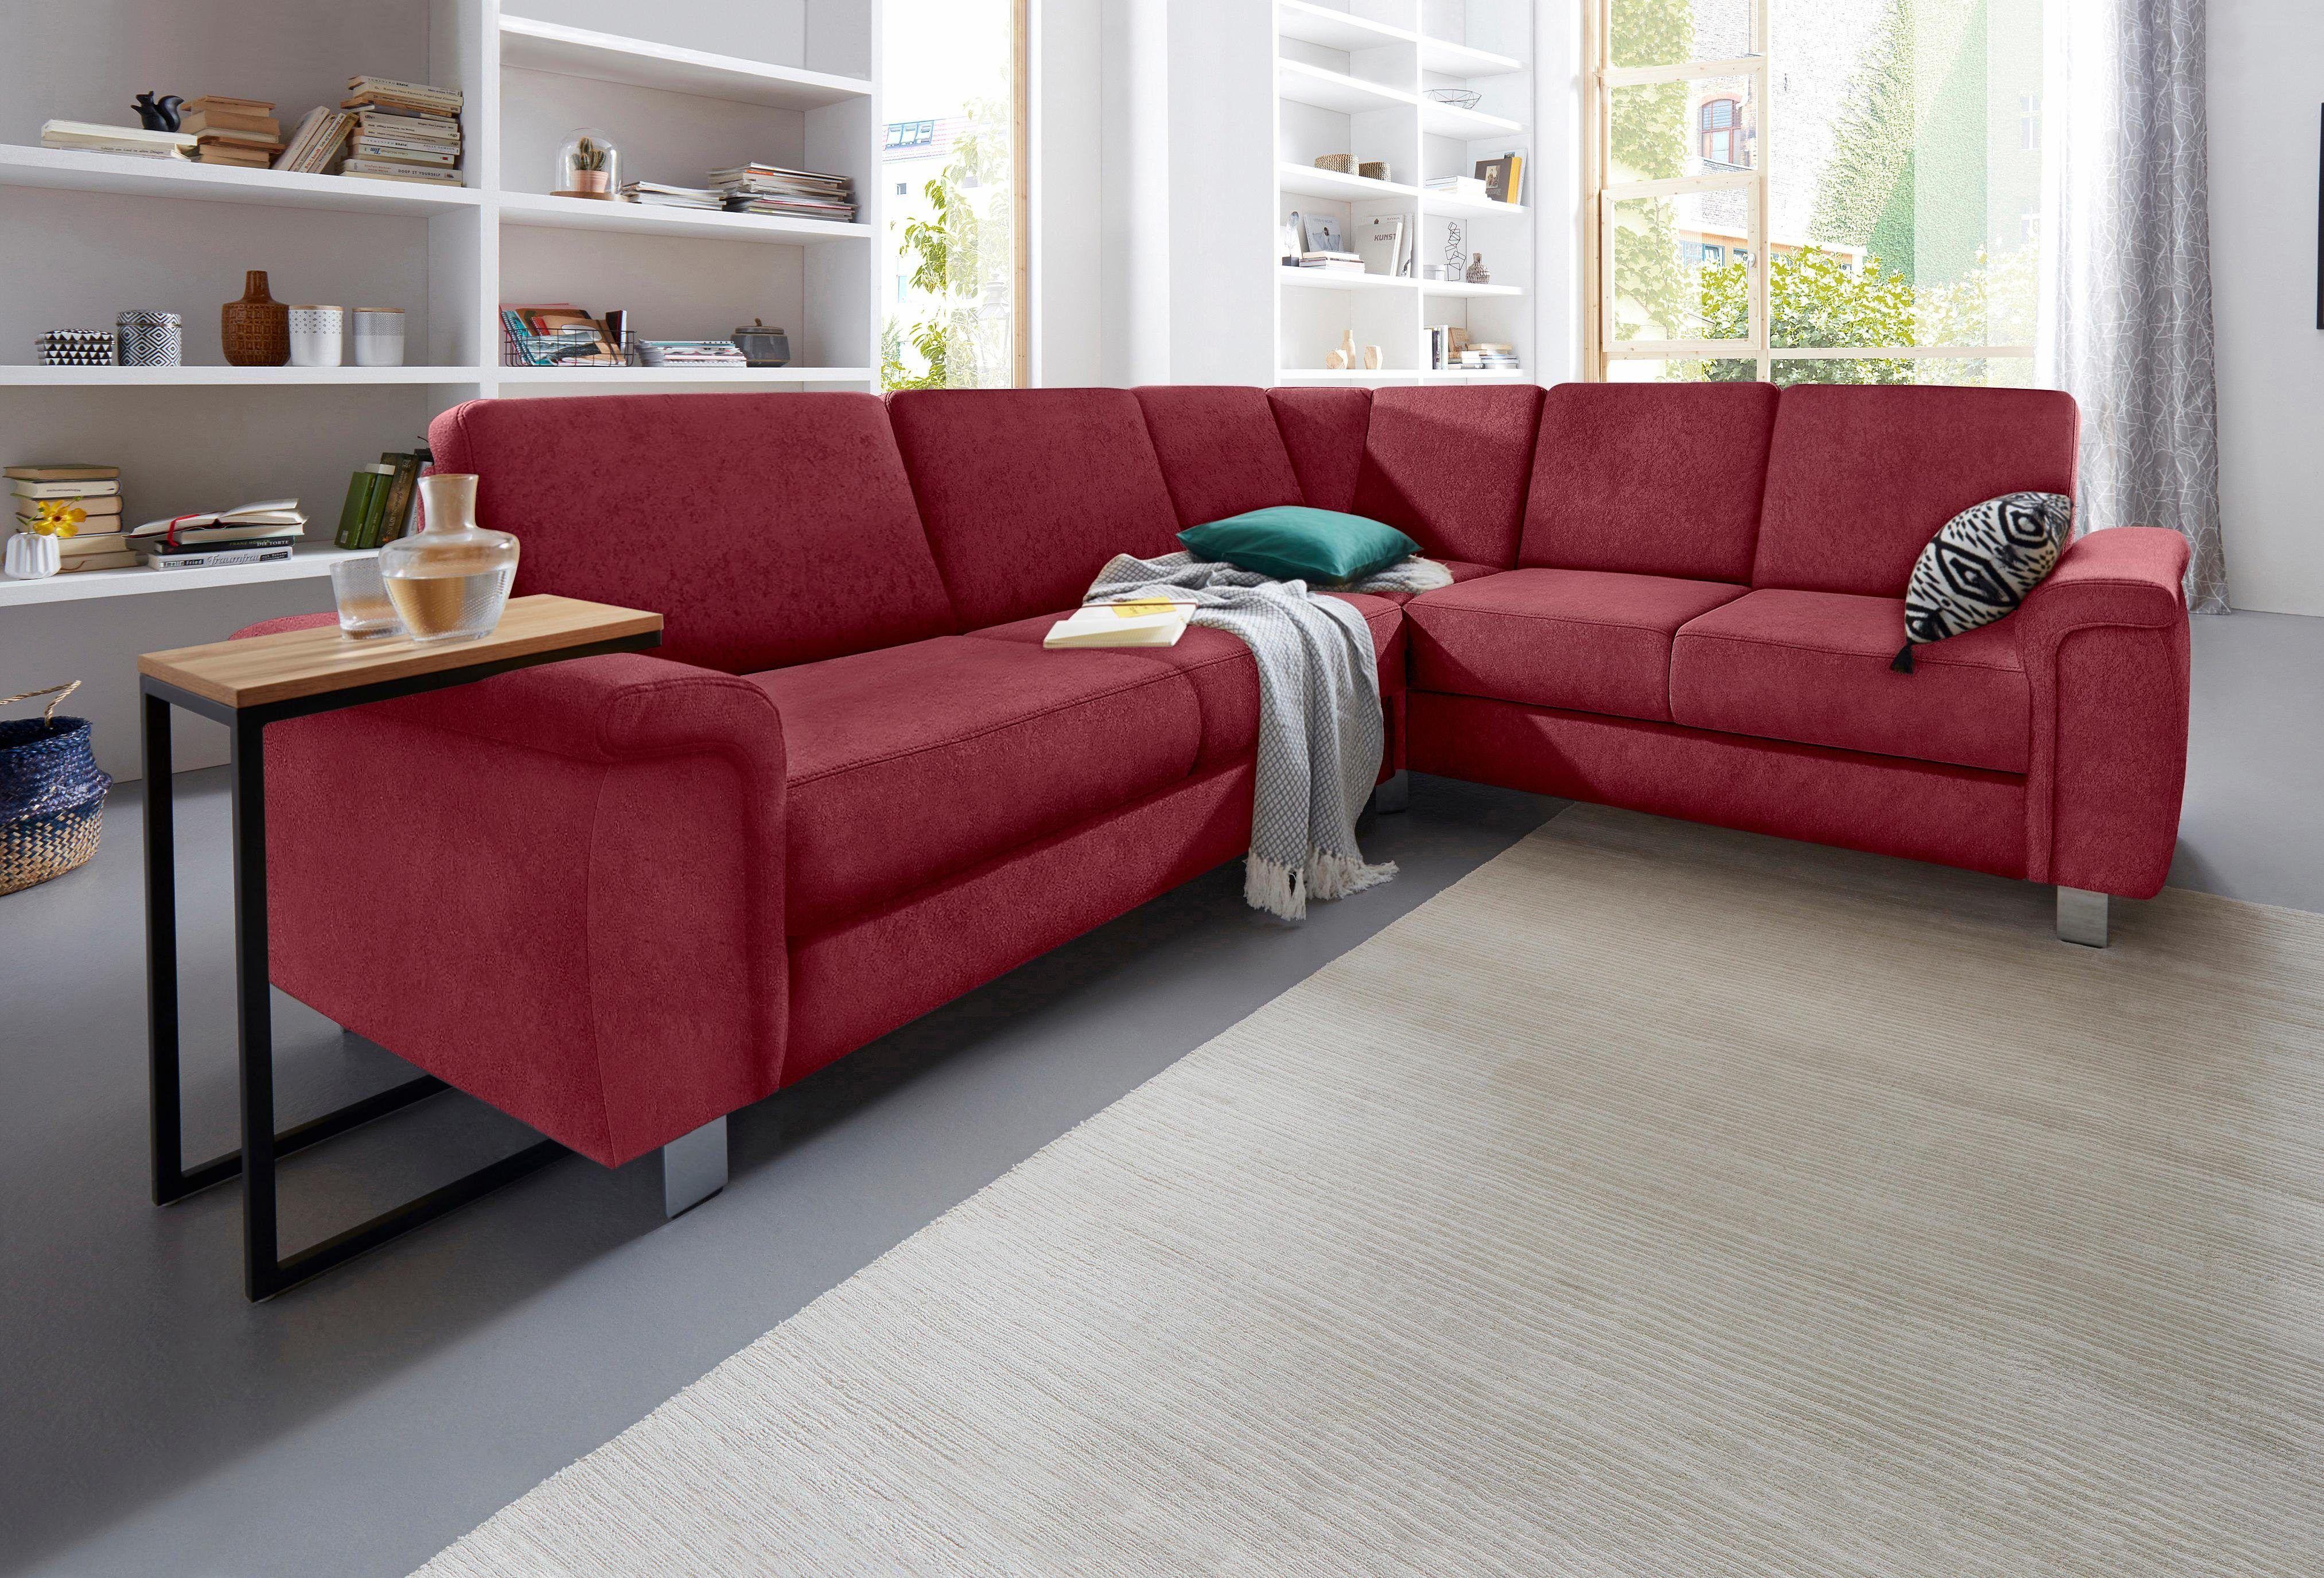 Bezaubernd Sofa Mit Schlaffunktion Und Bettkasten Galerie Von Sit&more Ecksofa Rot, Langer Schenkel Links, Schlaffunktion,